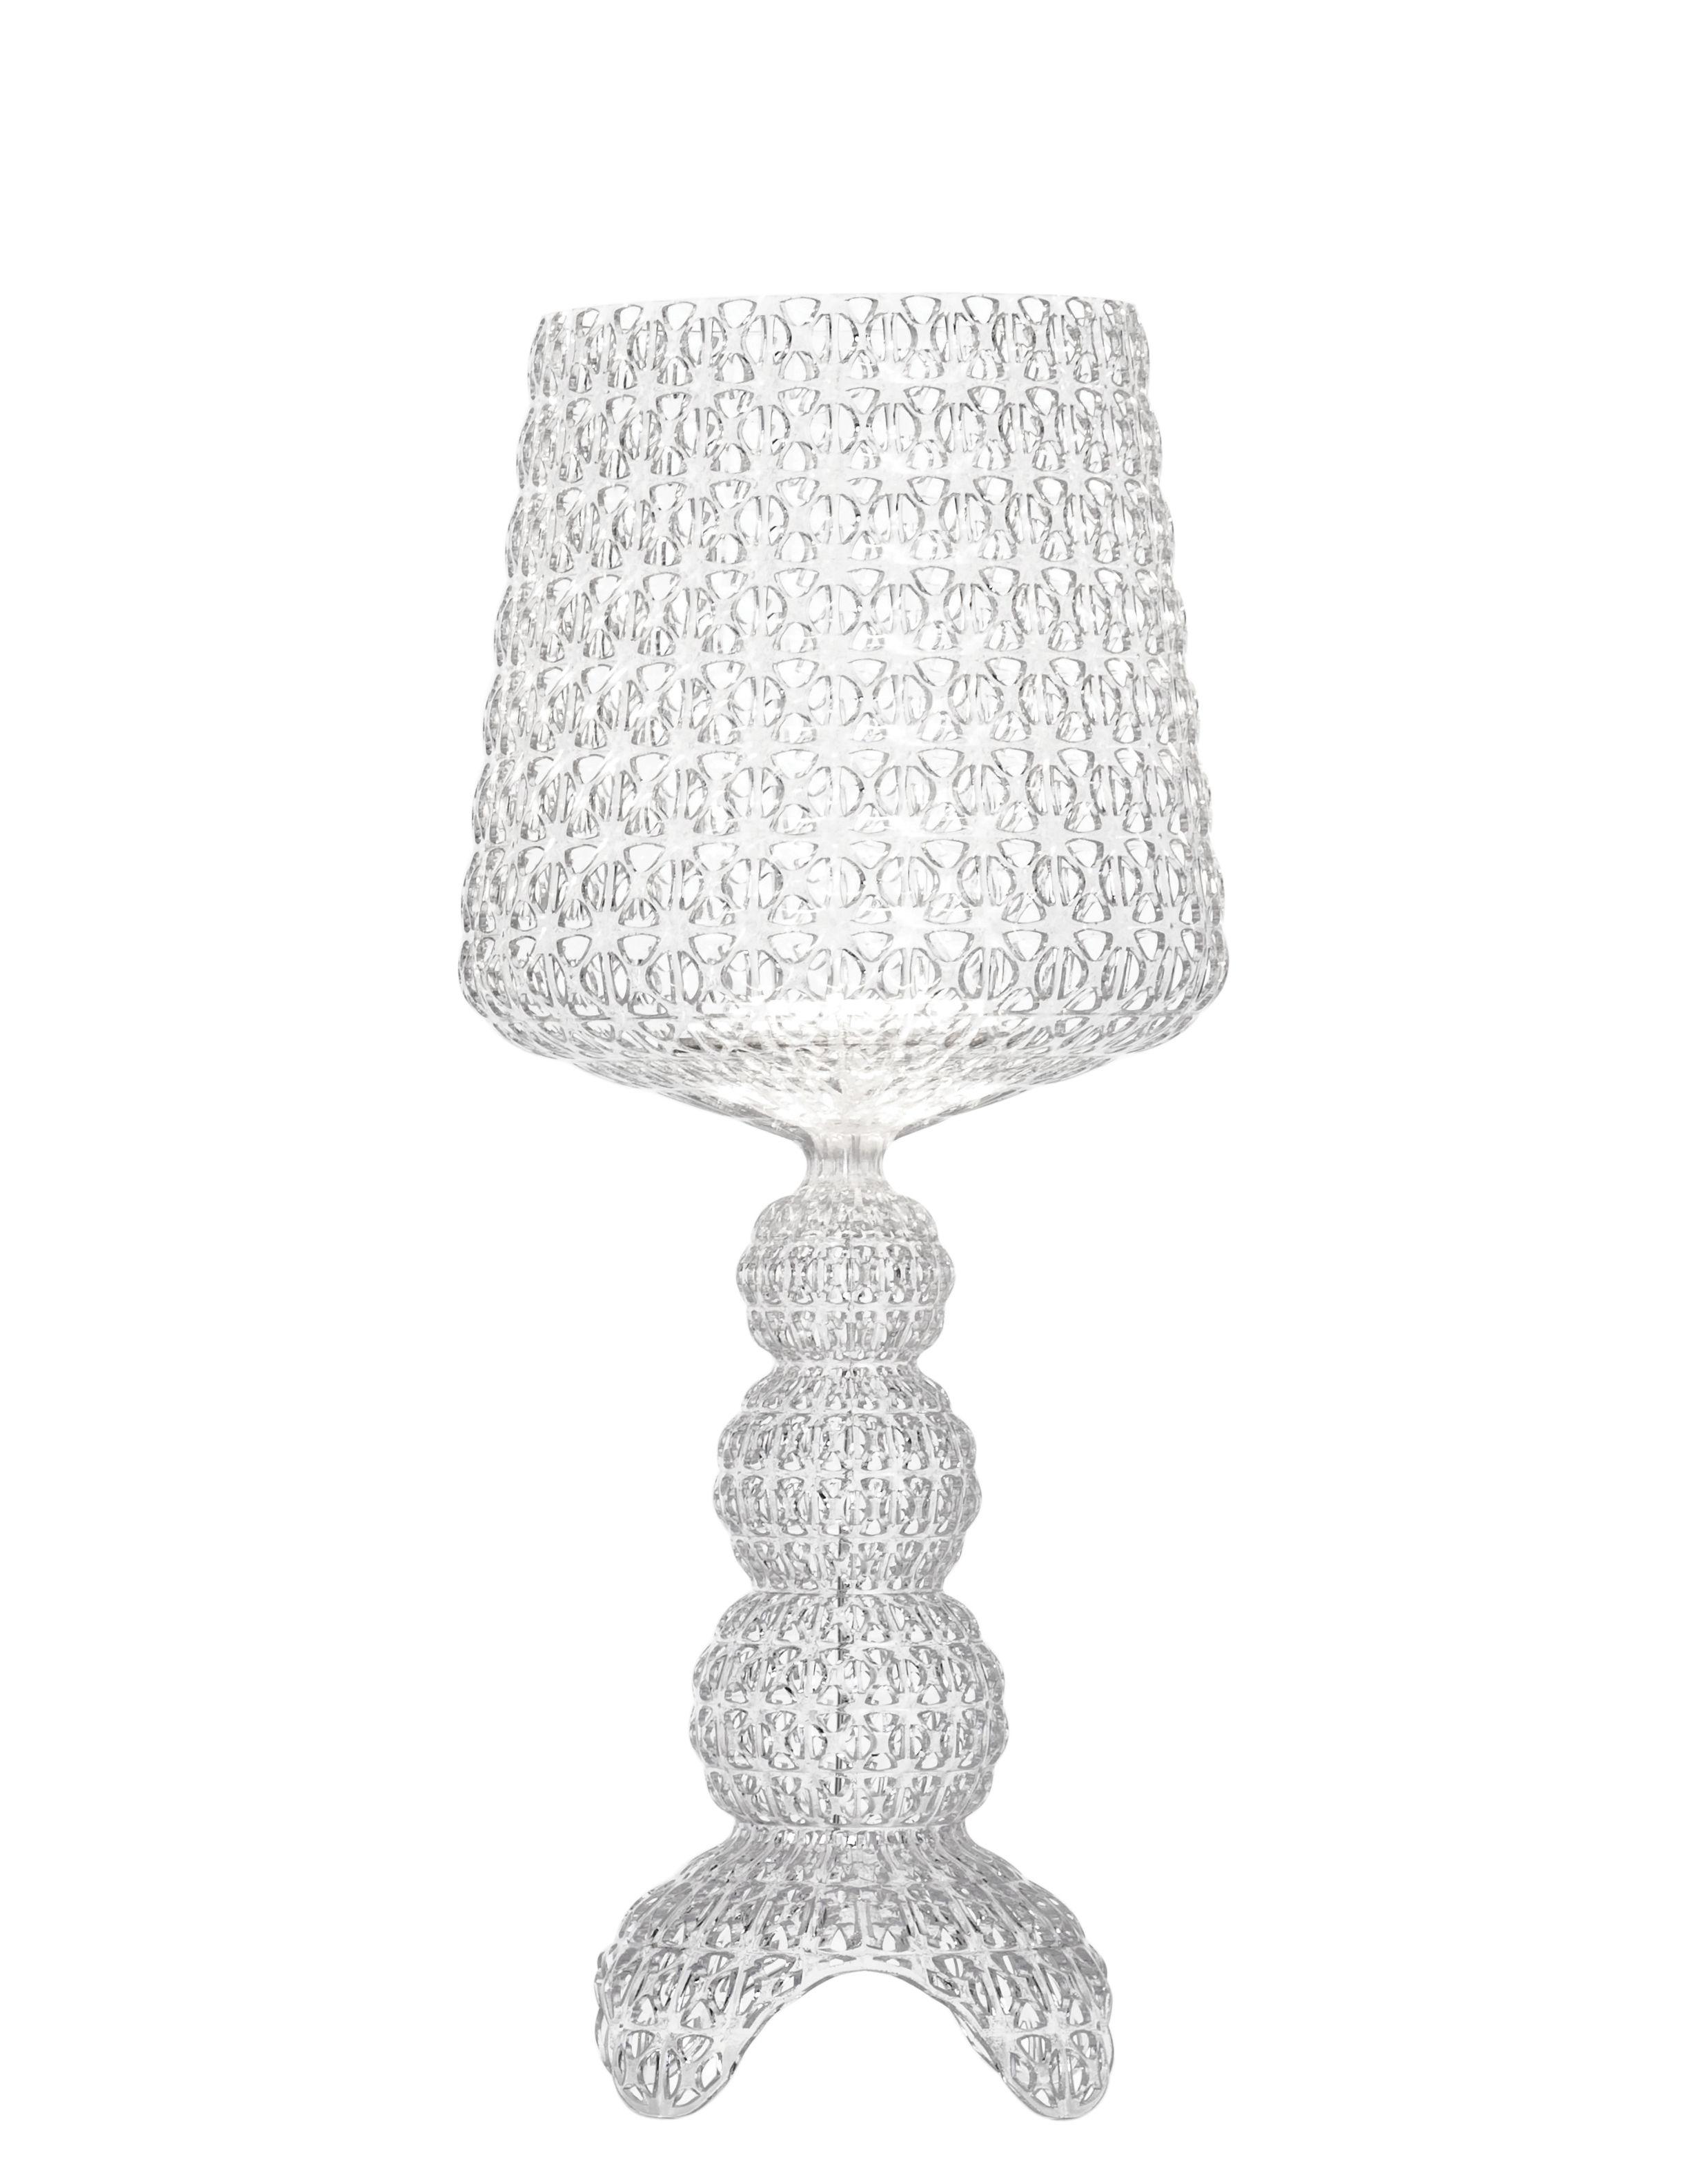 Luminaire - Lampes de table - Lampe à poser Mini Kabuki / LED - H 70 cm - Kartell - Cristal - Technopolymère thermoplastique